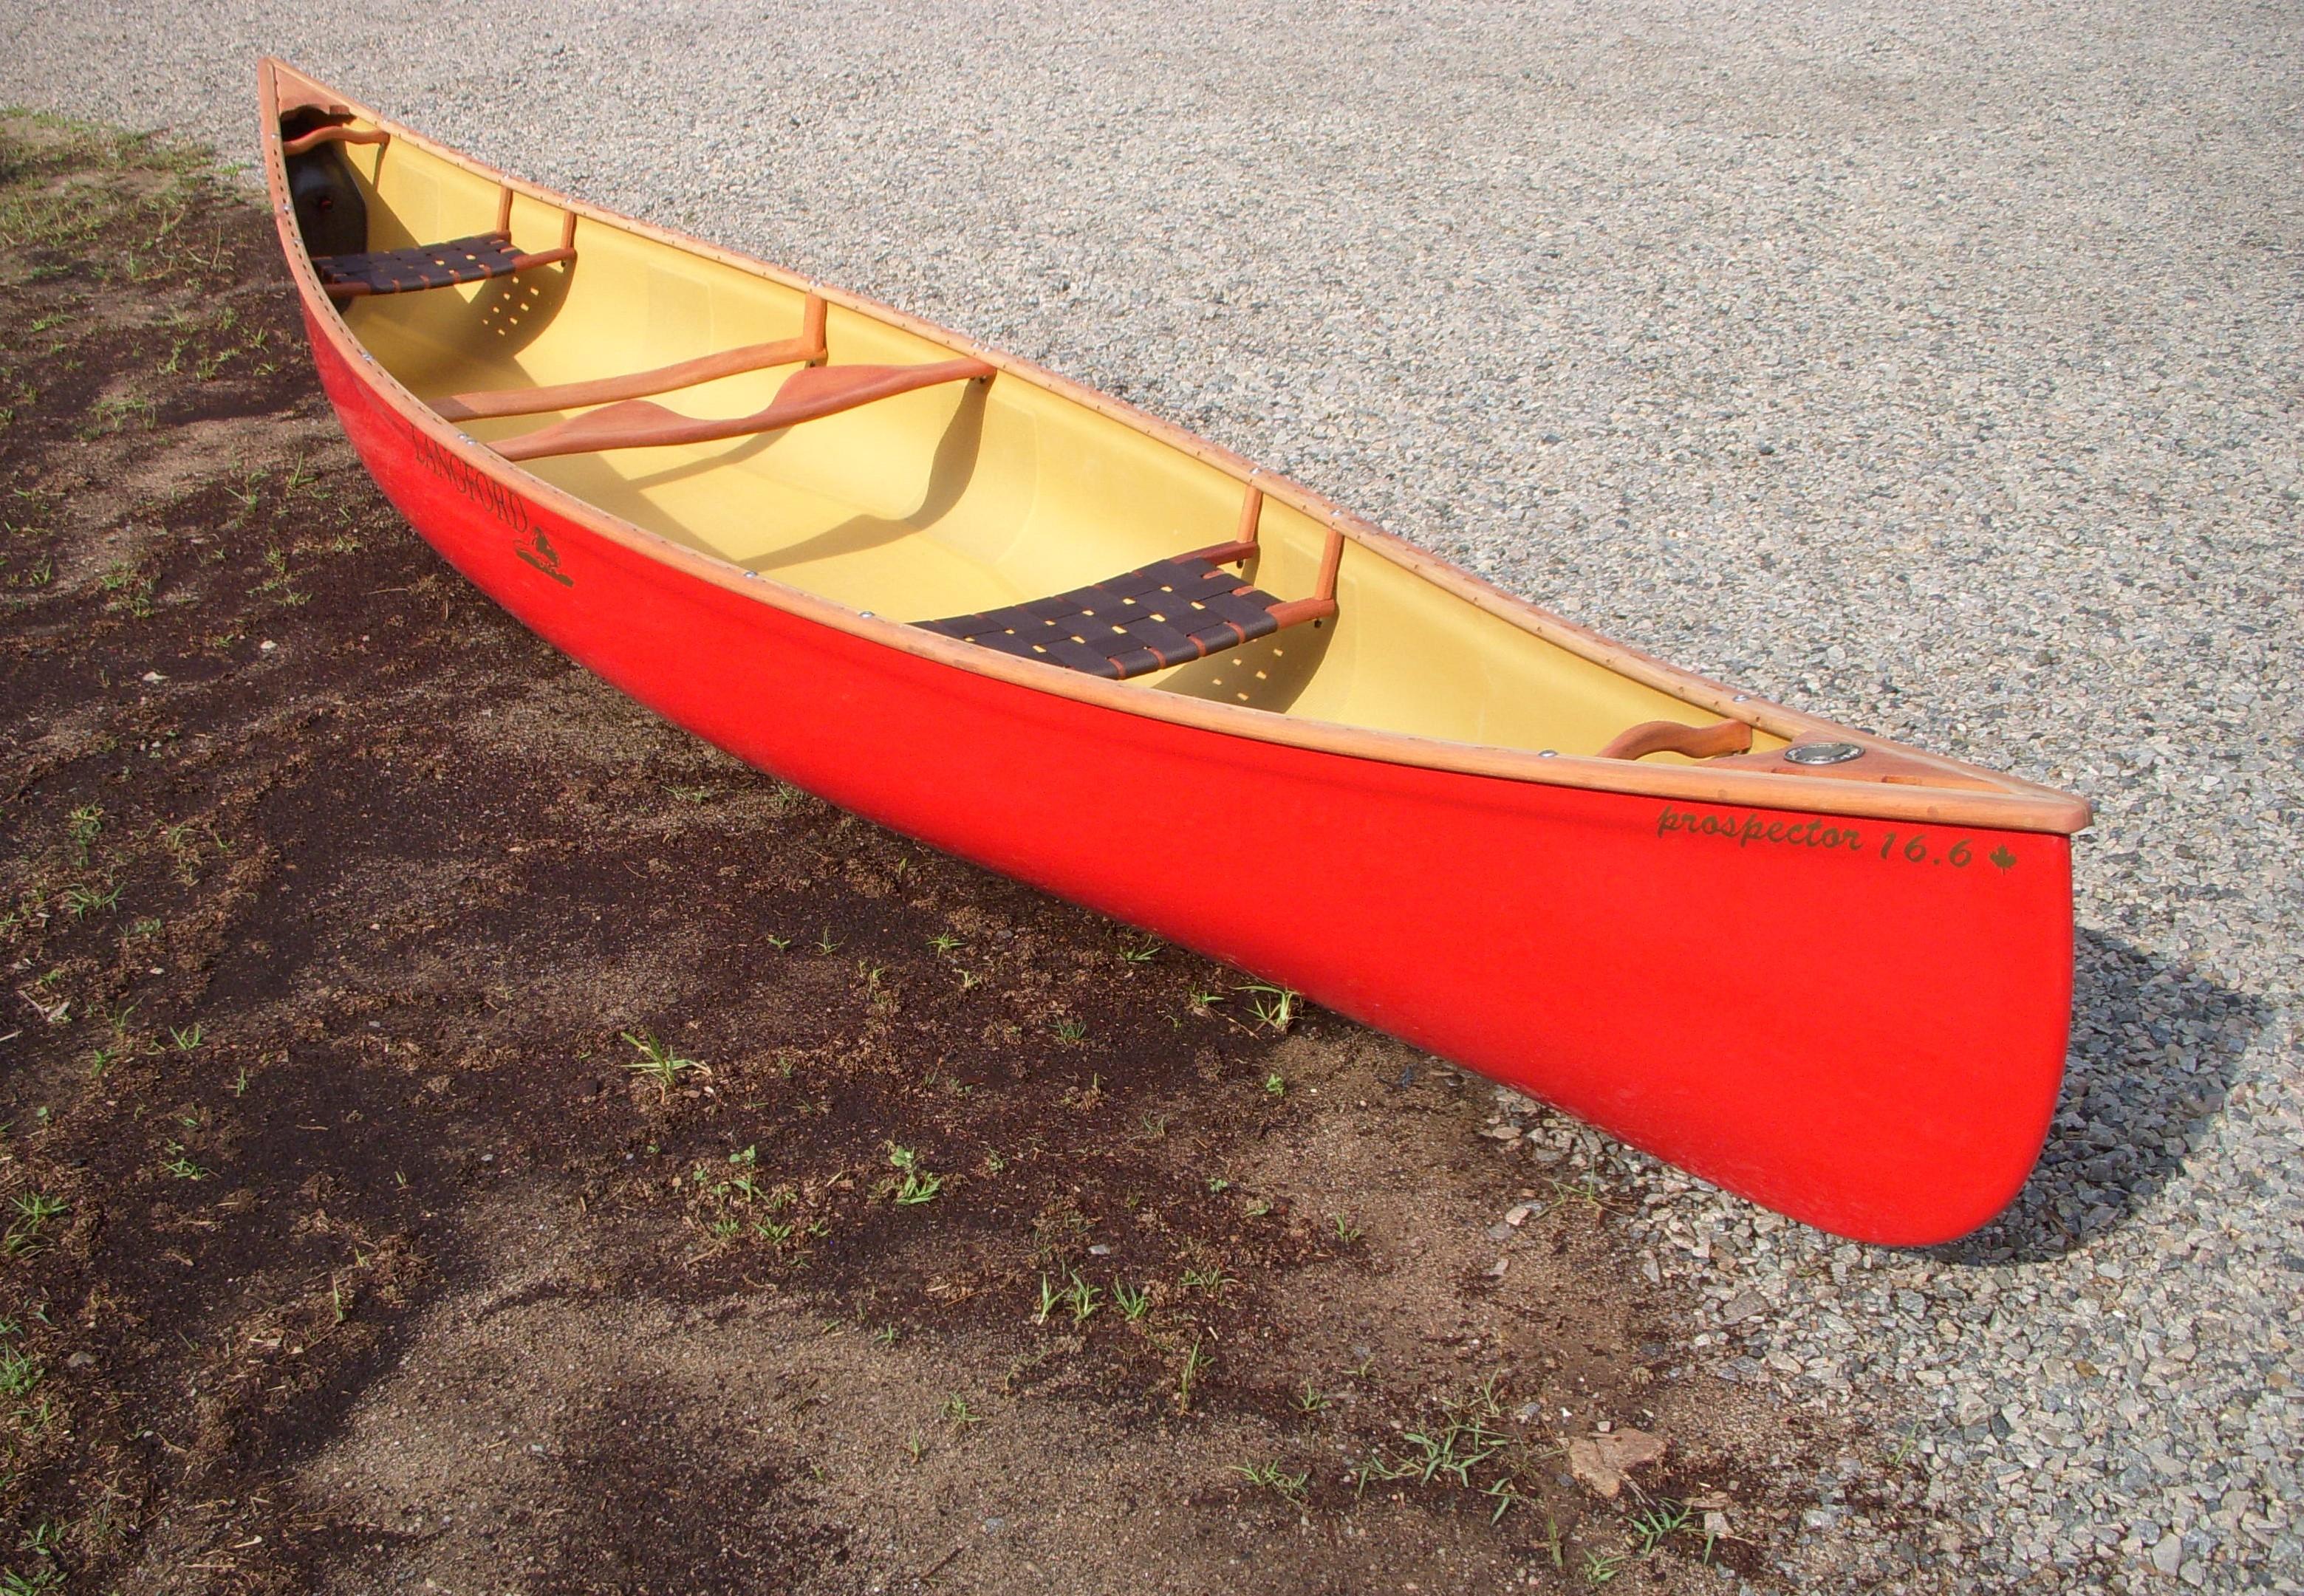 Langford Canoe Prospector 16.6